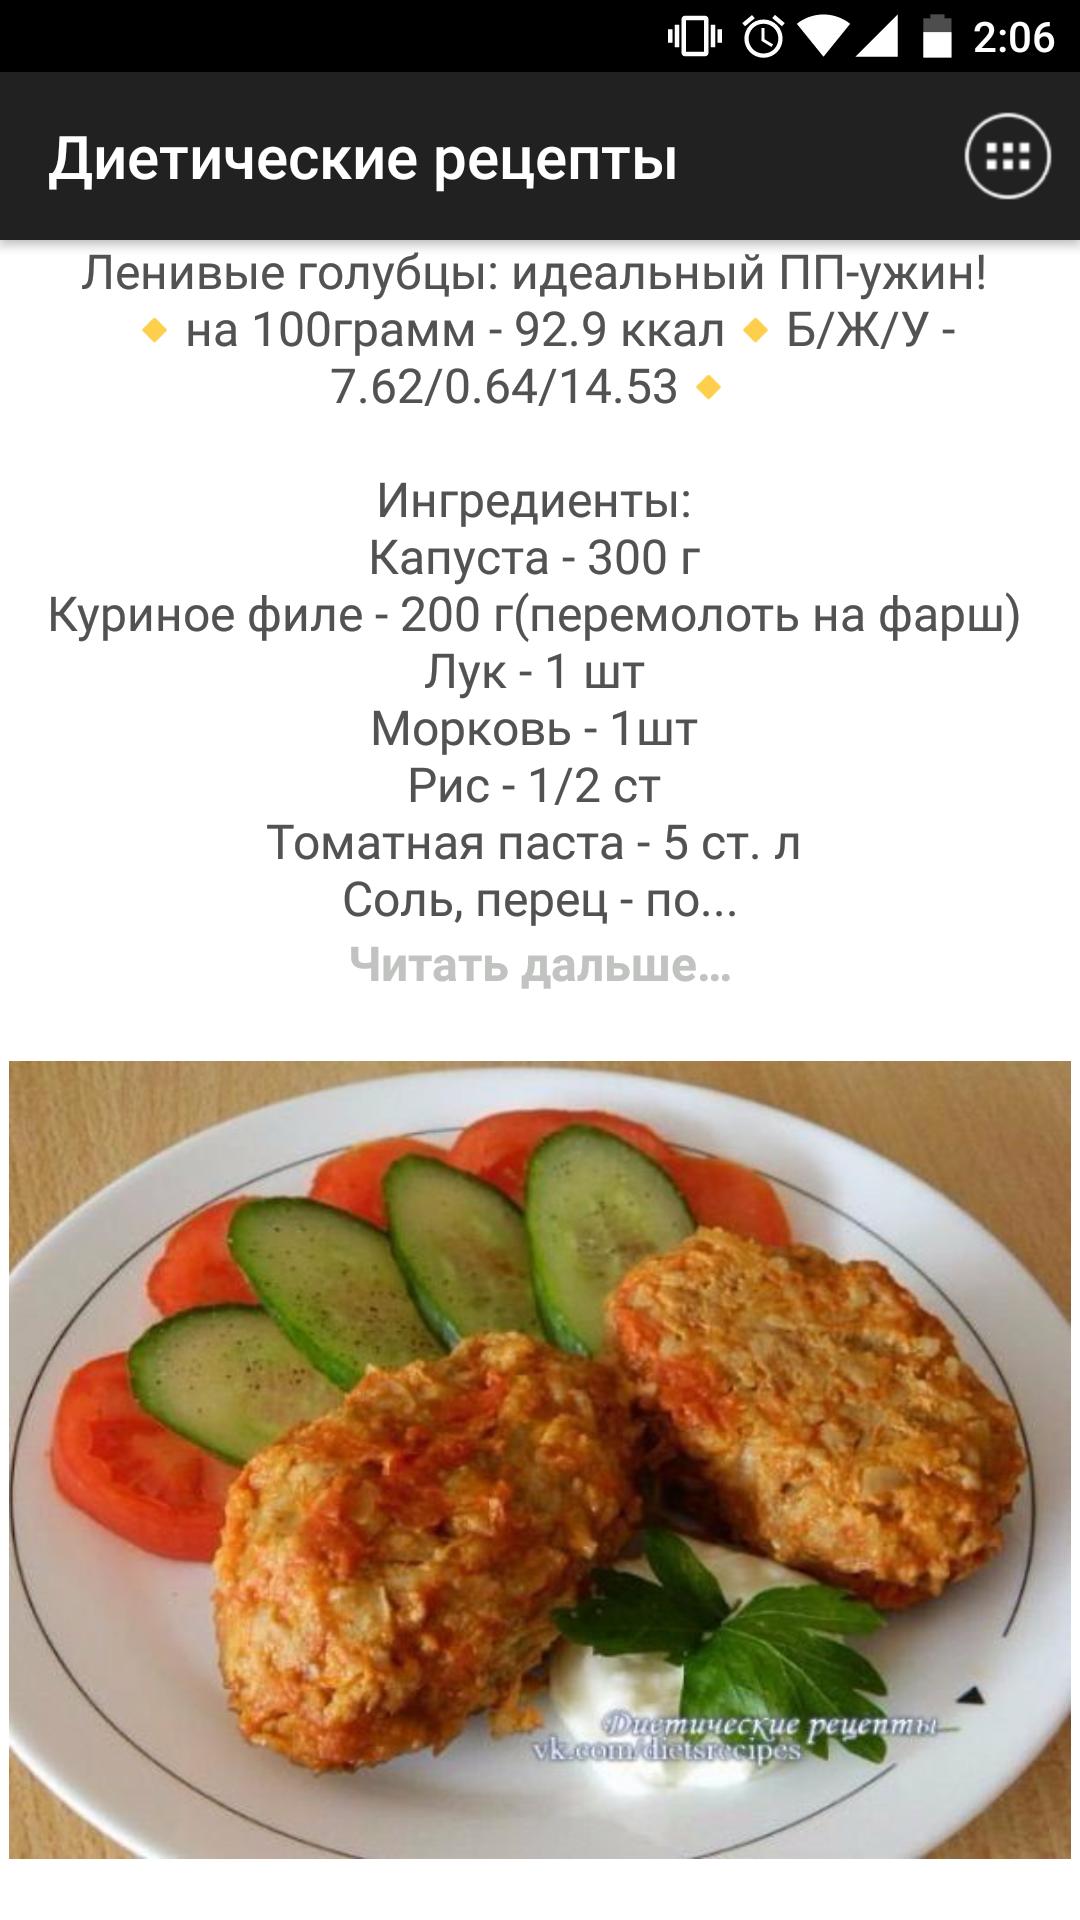 Рецепты Для Диеты В Домашних Условиях. Рецепты диетических блюд — подбор лучших блюд на неделю и советы по сжиганию жира для начинающих (95 фото)